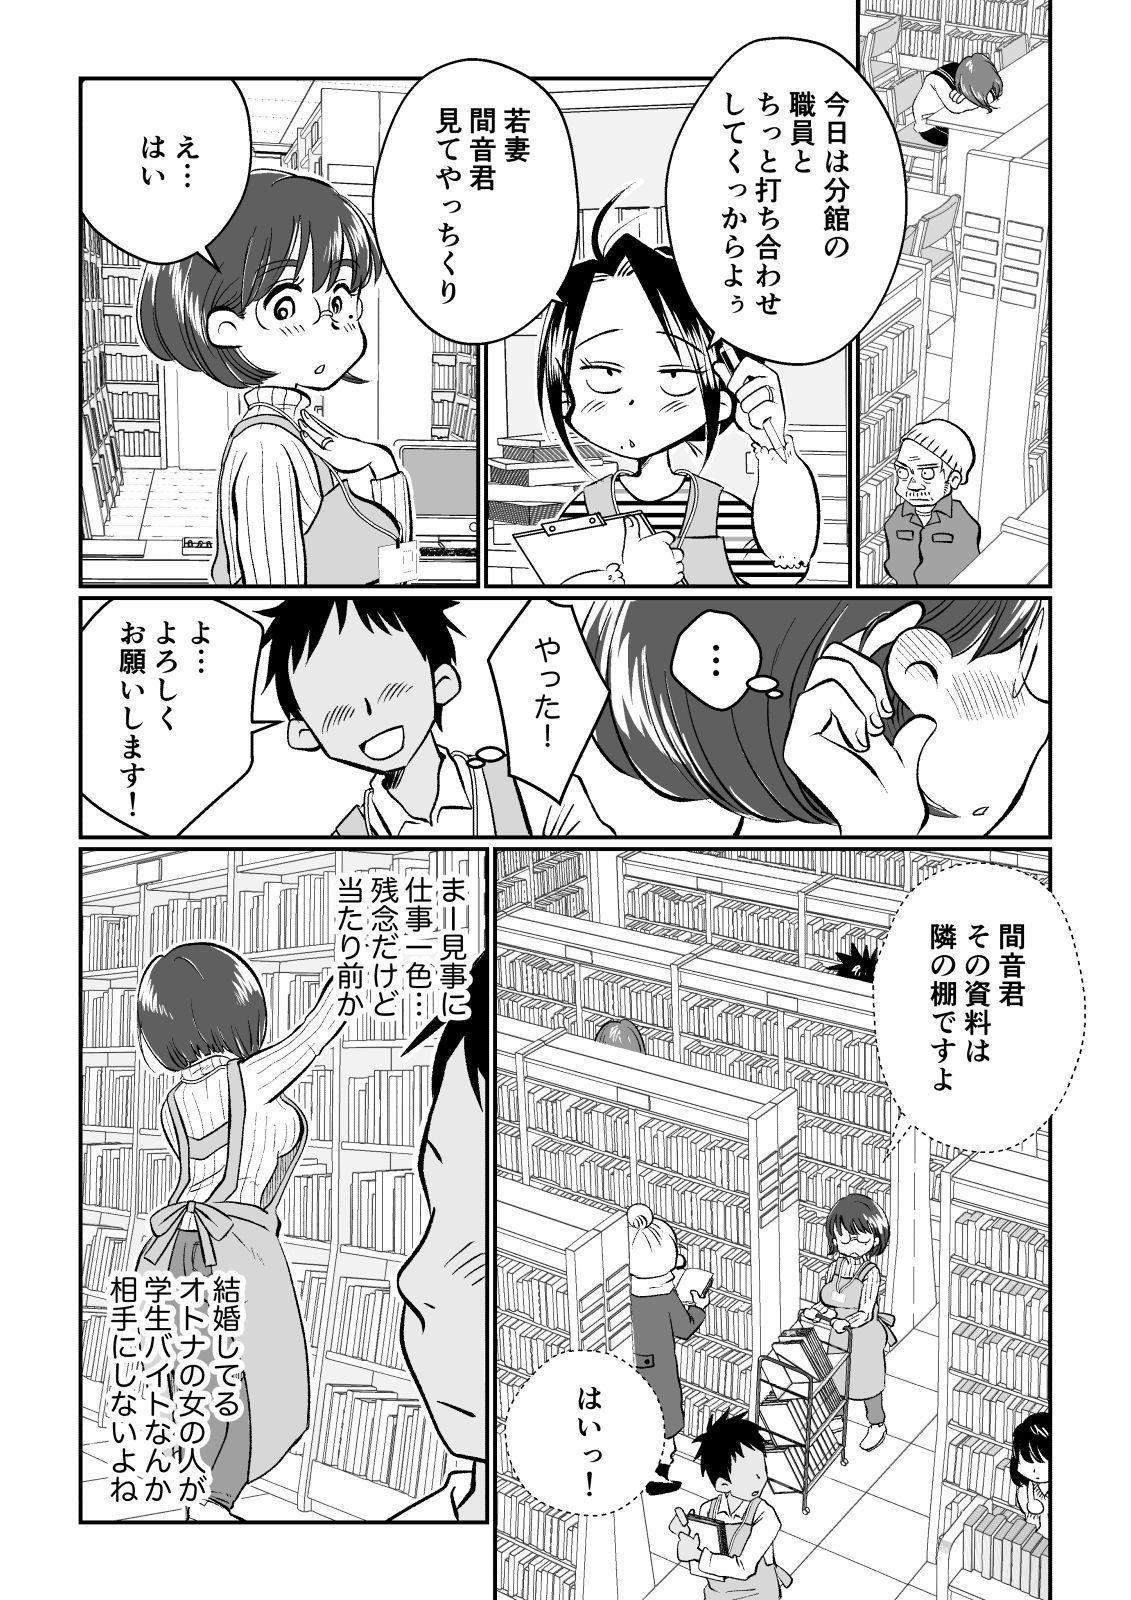 [Megitsune Works] Wakazuma-san wa Yokkyuu Fuman! Akogare no Shisho no Wakazuma-san ga Gakusei Beit no Boku no Fudeoroshi o Shite kuremashita. 17